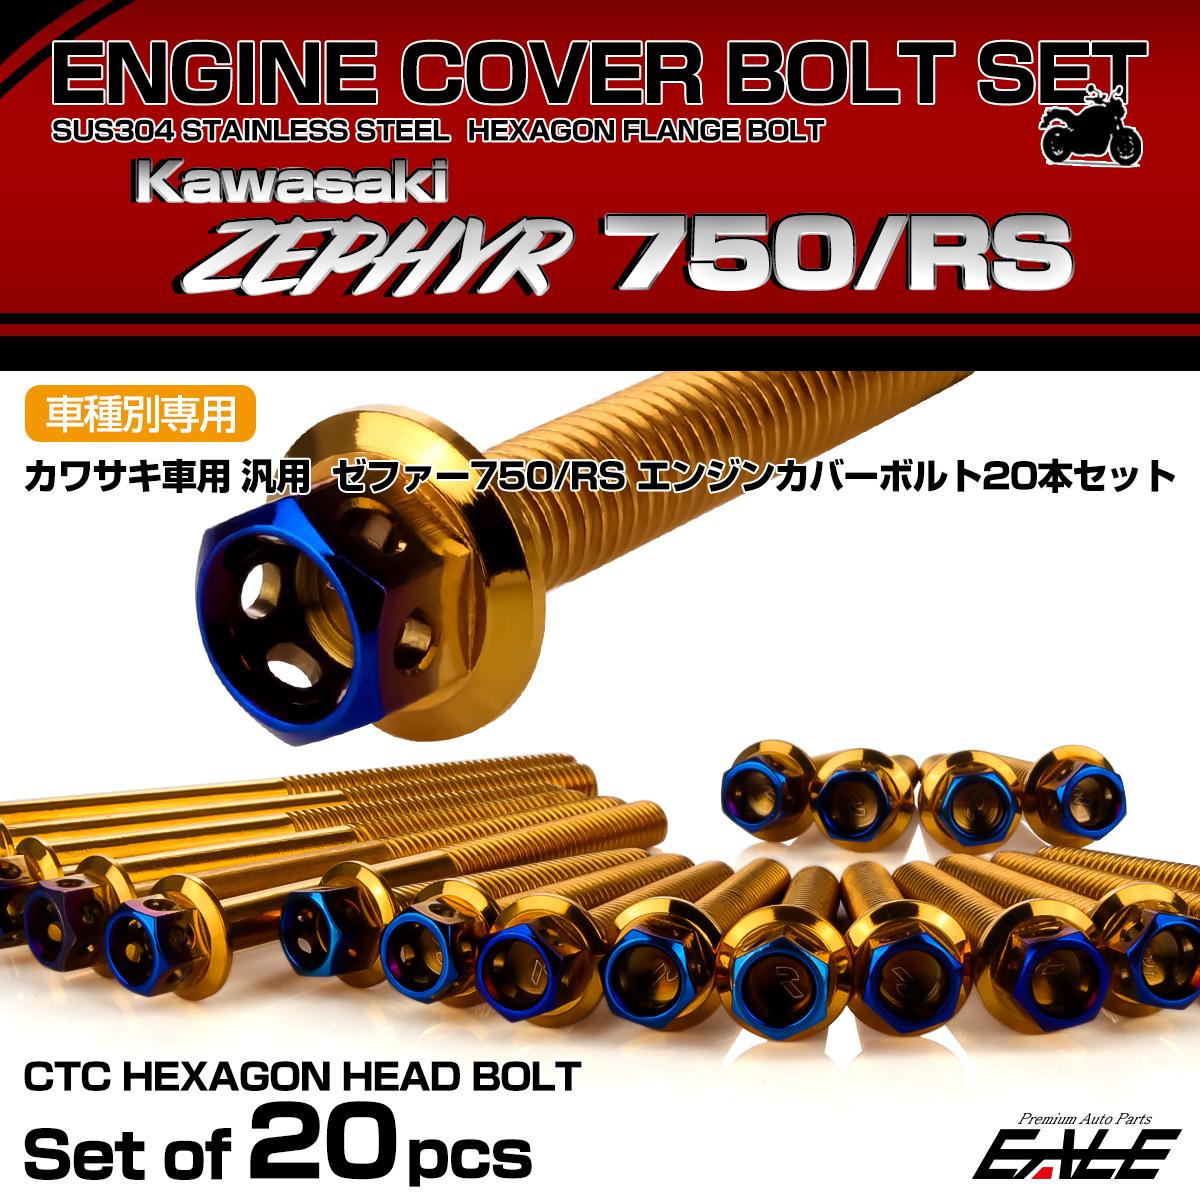 ゼファー750 RS エンジンカバーボルト 20本セット カワサキ車用 ZEPHYR CTCヘキサゴンヘッド ゴールド&焼きチタン TB8148